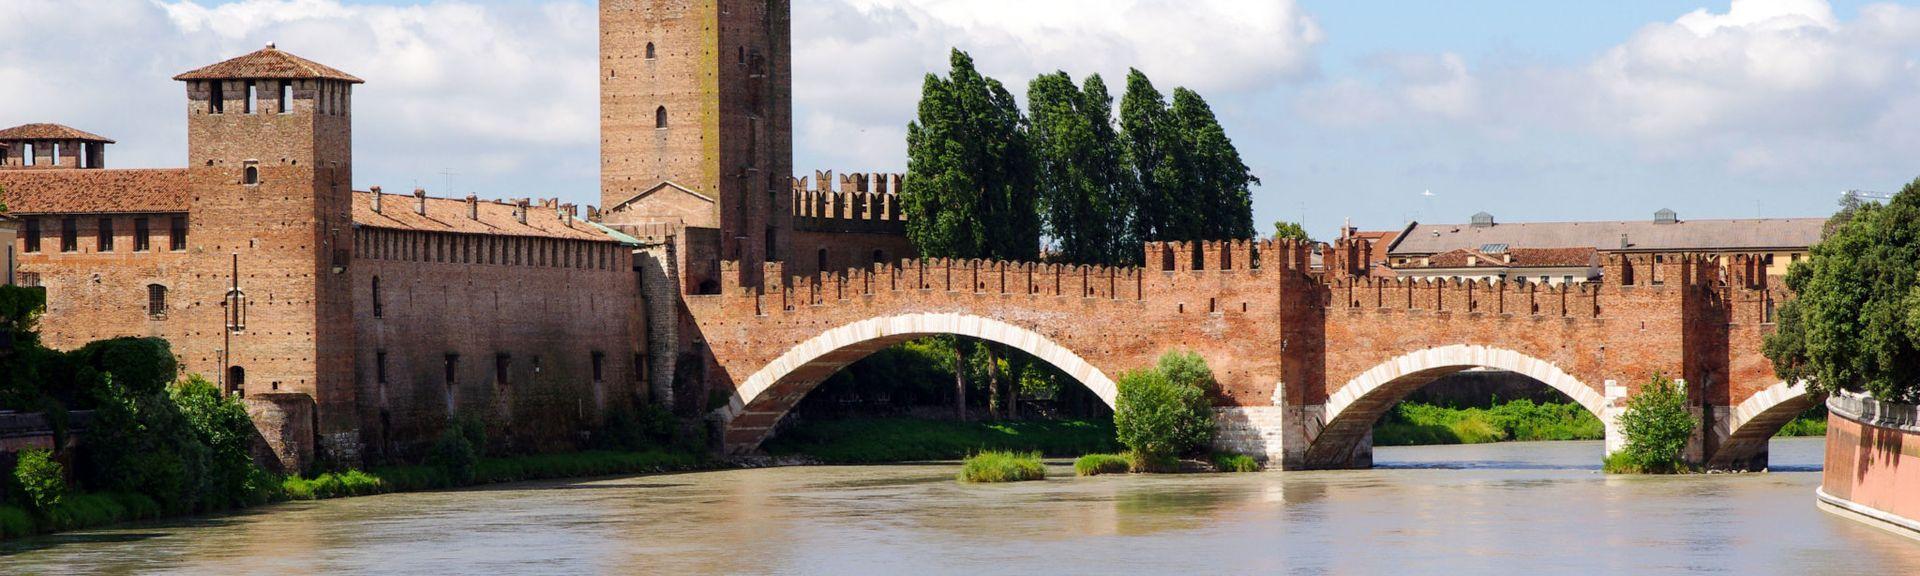 Marcellise, Veneto, Italië